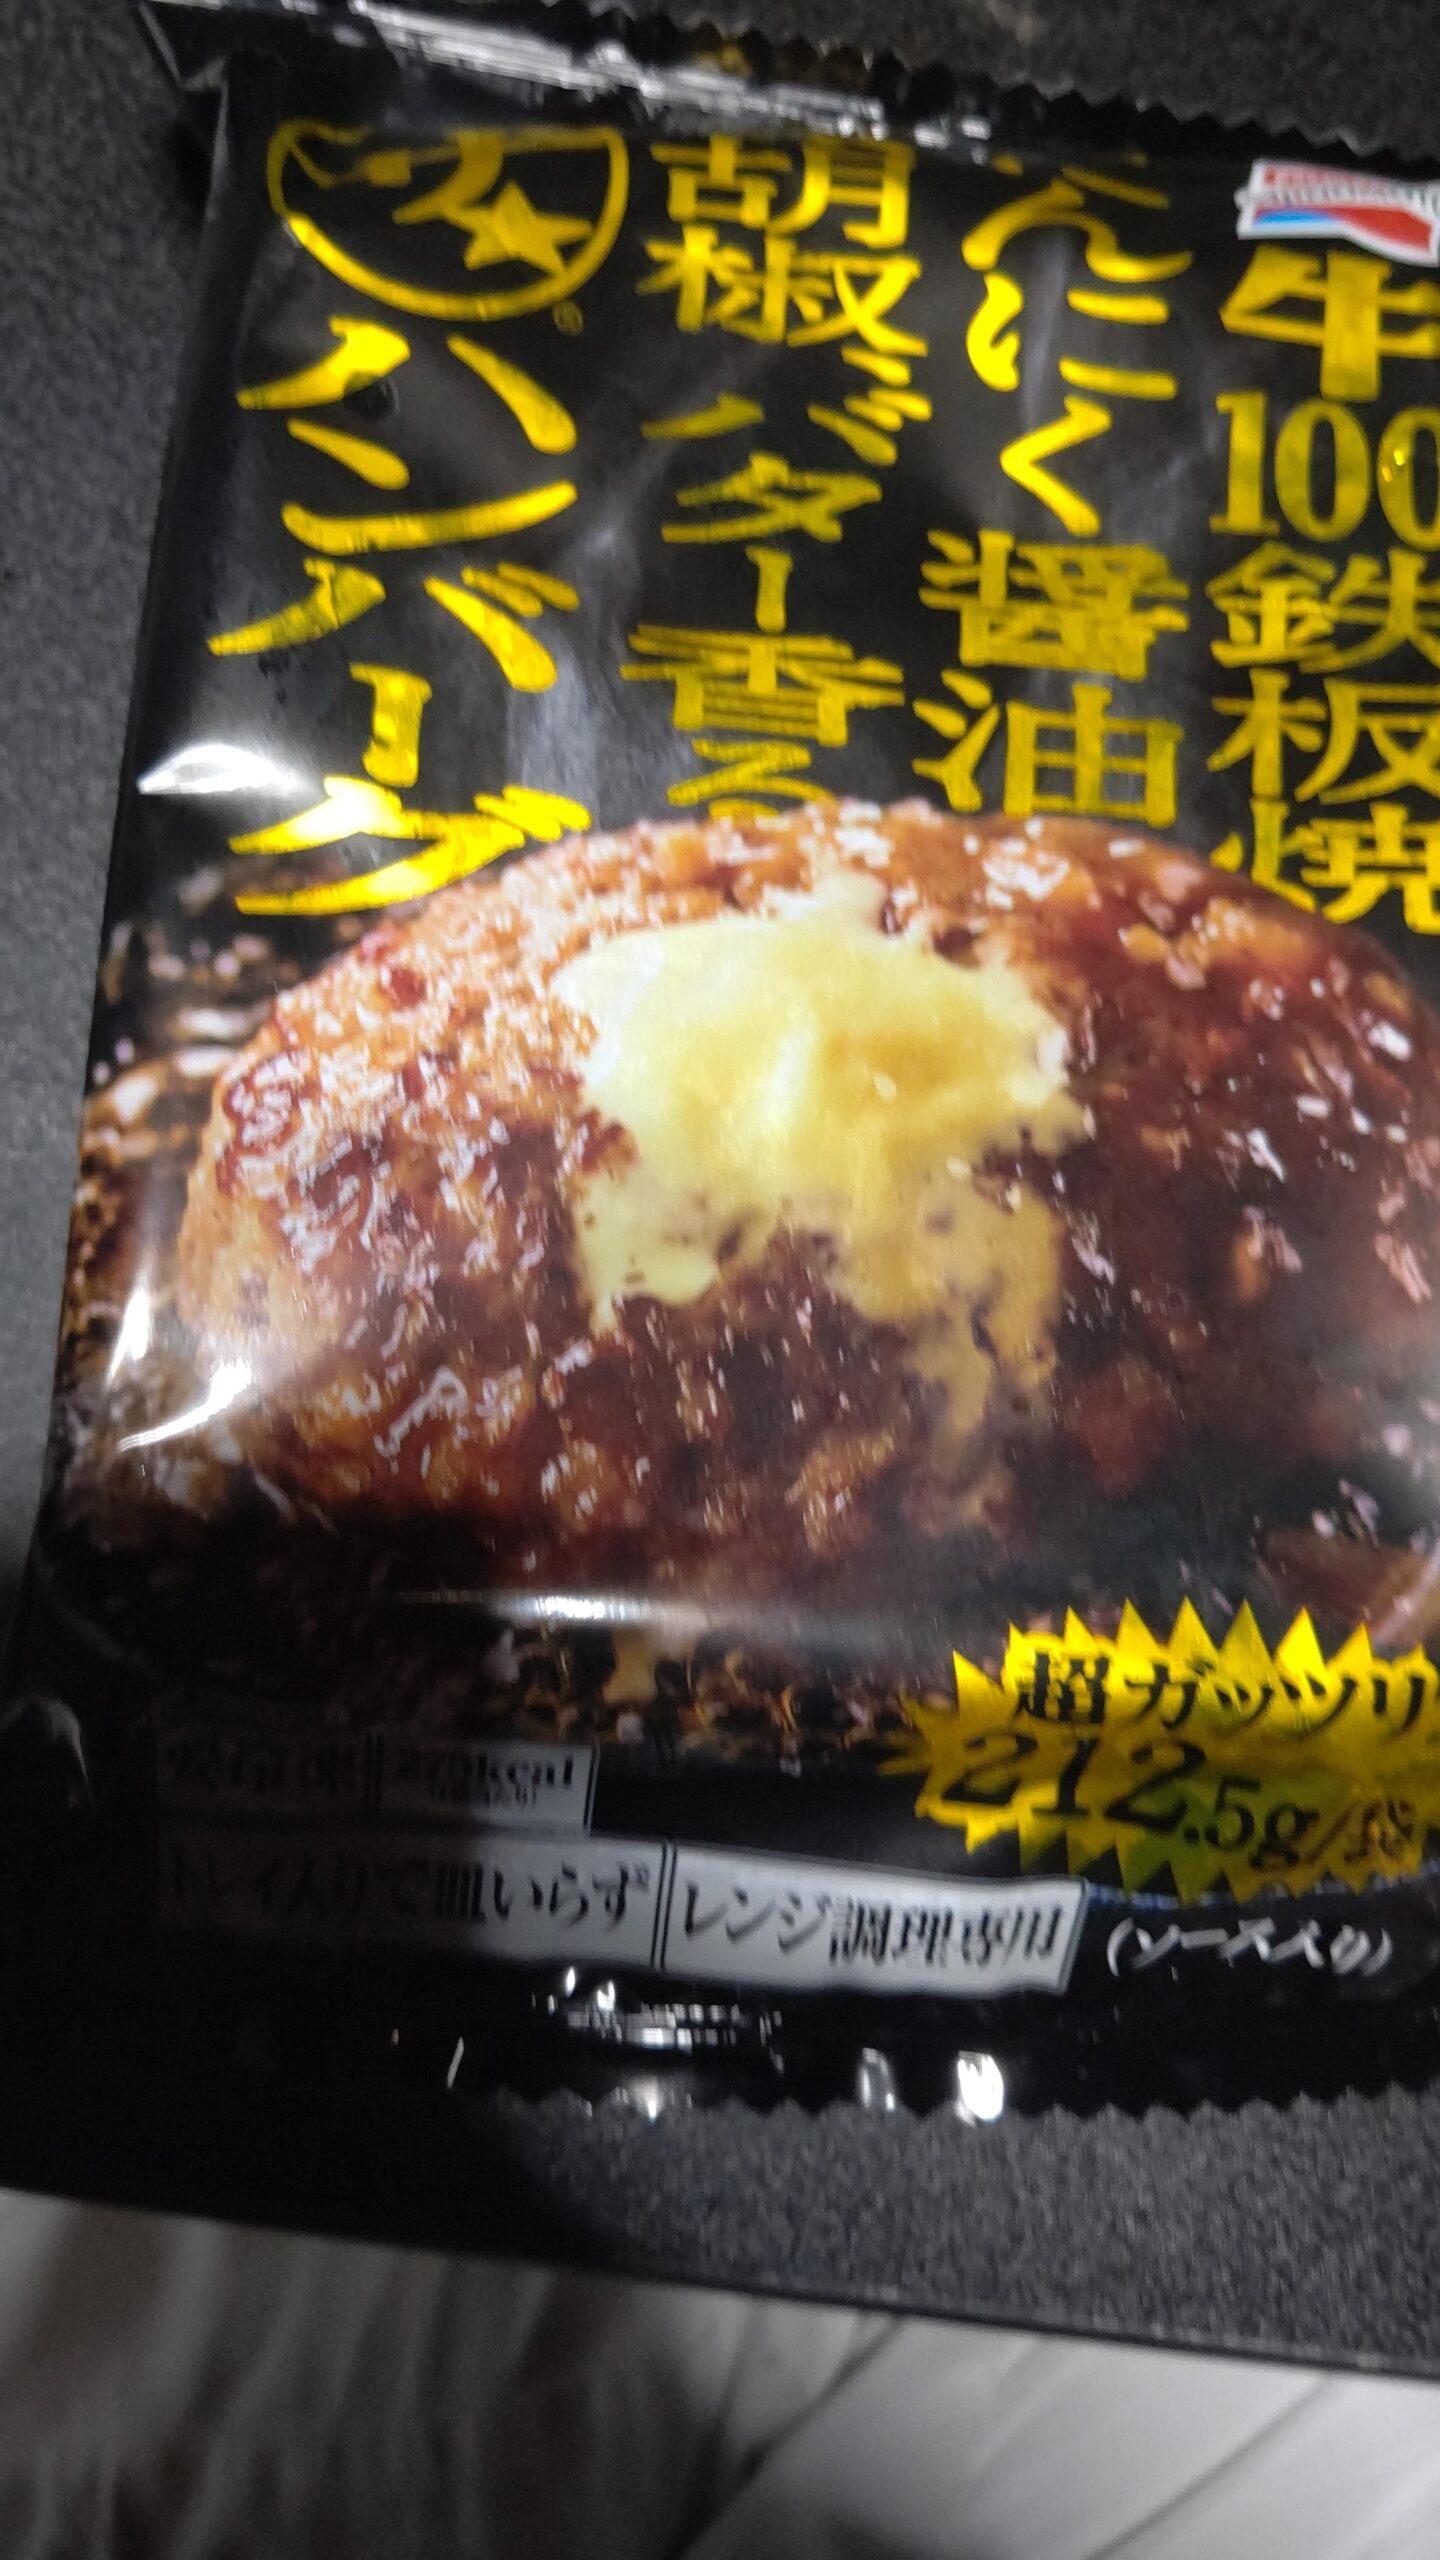 【画像有】ザ☆ハンバーグ買ってきた今から食うぞ!!